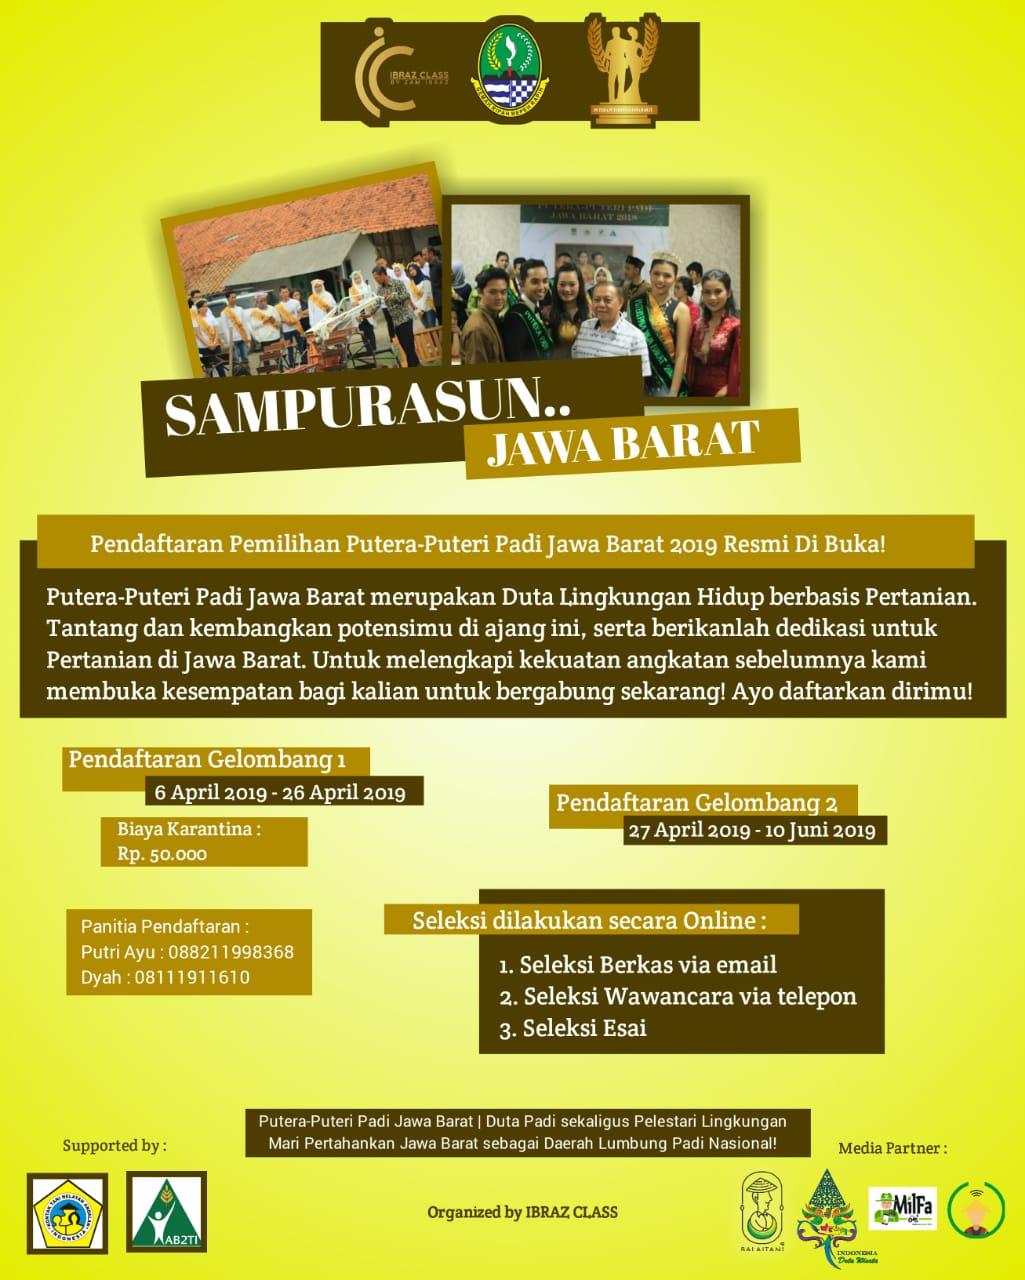 Pendaftaran Pemilihan Putera-Puteri Padi Jawa Barat 2019